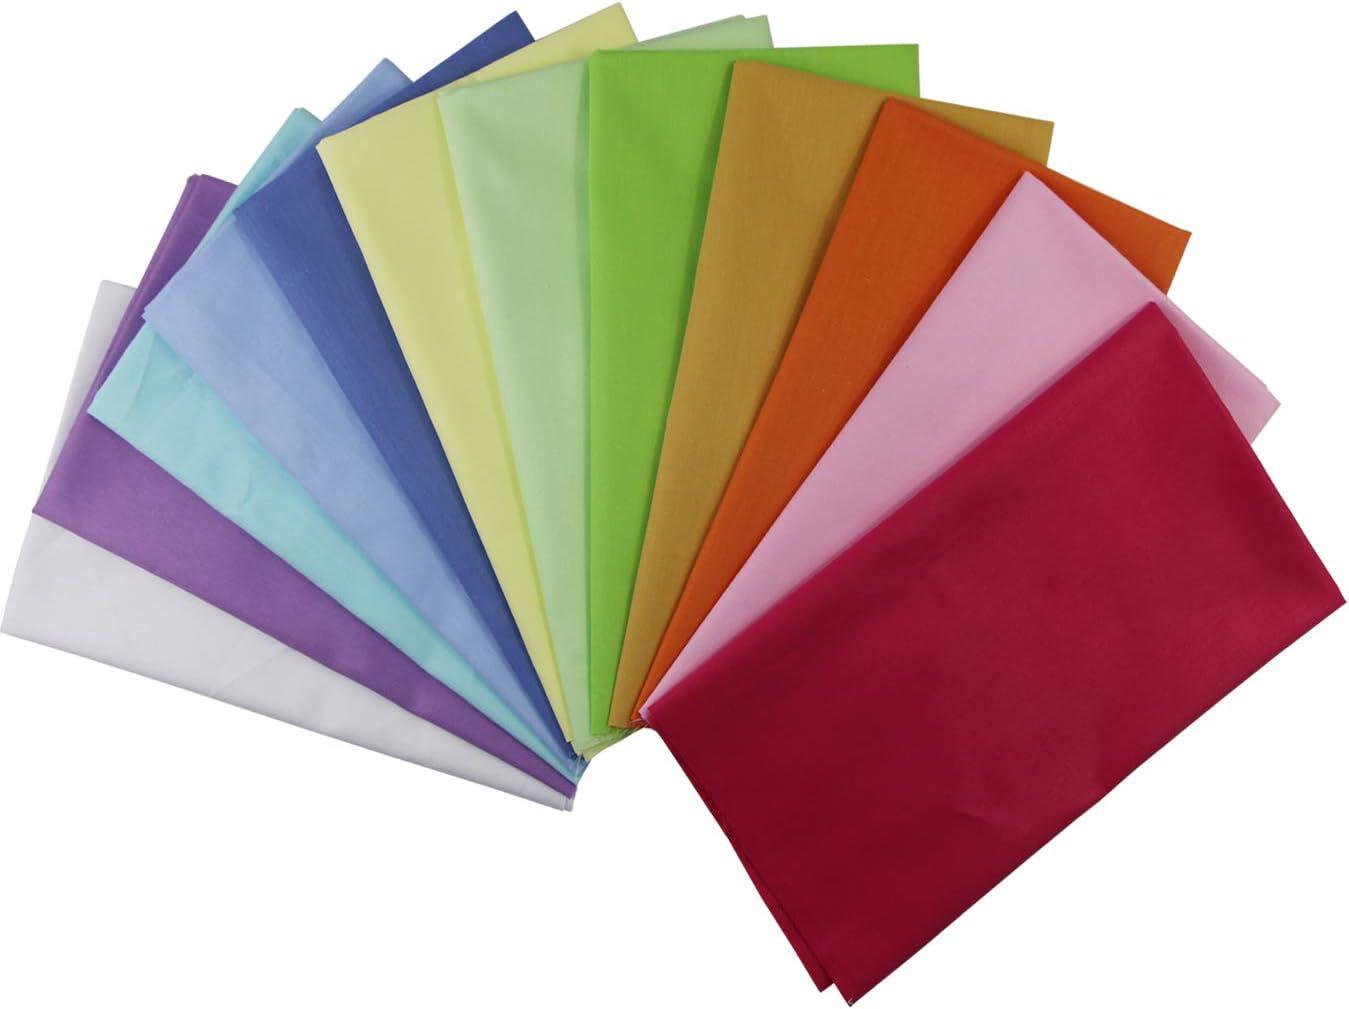 aufodara Lot de 12 Tissus Coton Couleur Unie Textile Patchwork Chiffons Couture Quilting DIY Fabric /à la Main en Tissu /à Coudre 50 x 45 cm V/êtements Sewing Artisanat Multi-Colors, 50 x 45 cm